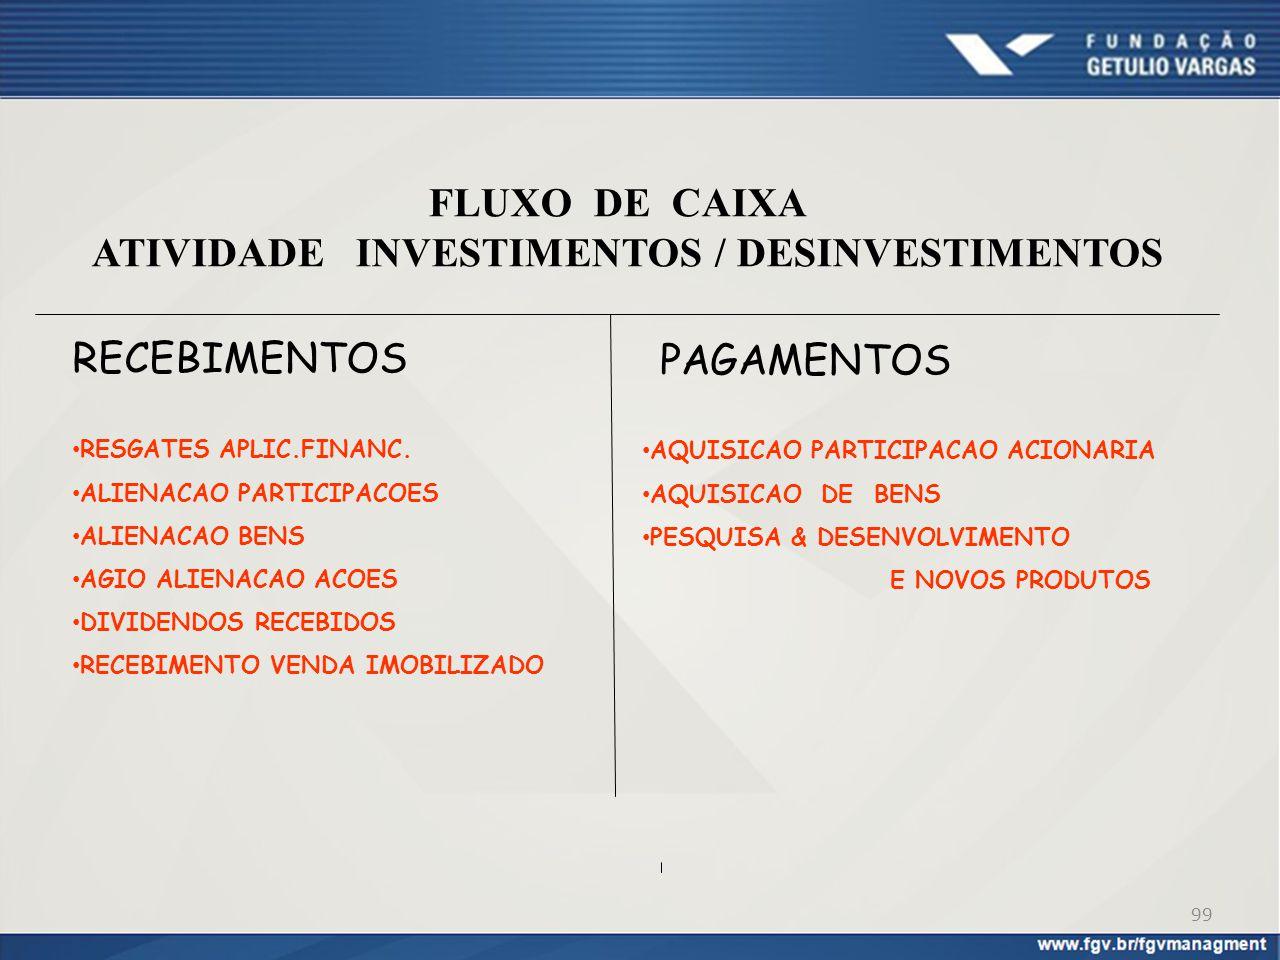 ATIVIDADE INVESTIMENTOS / DESINVESTIMENTOS